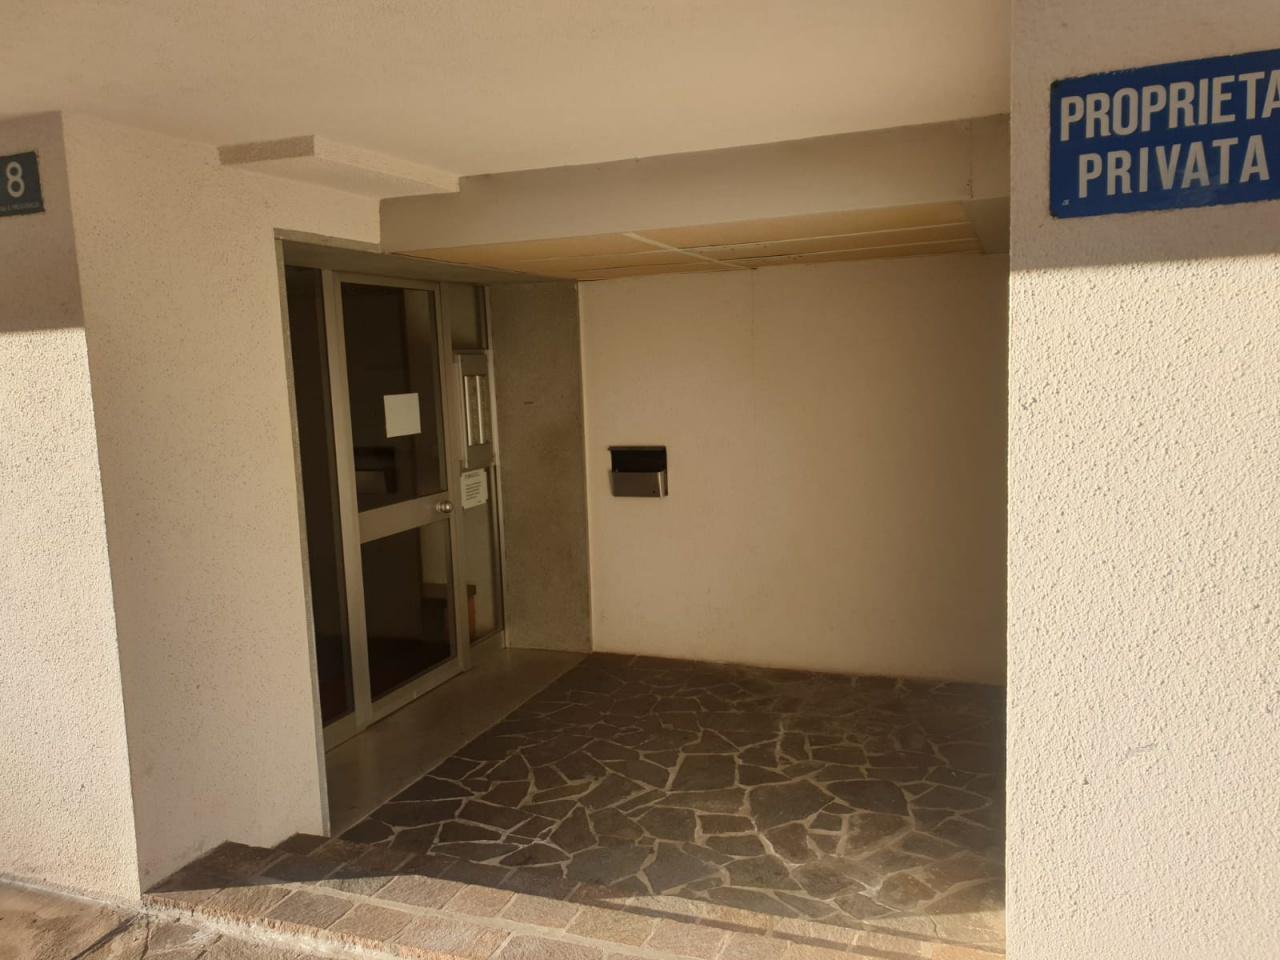 Appartamento TRIESTE 3175